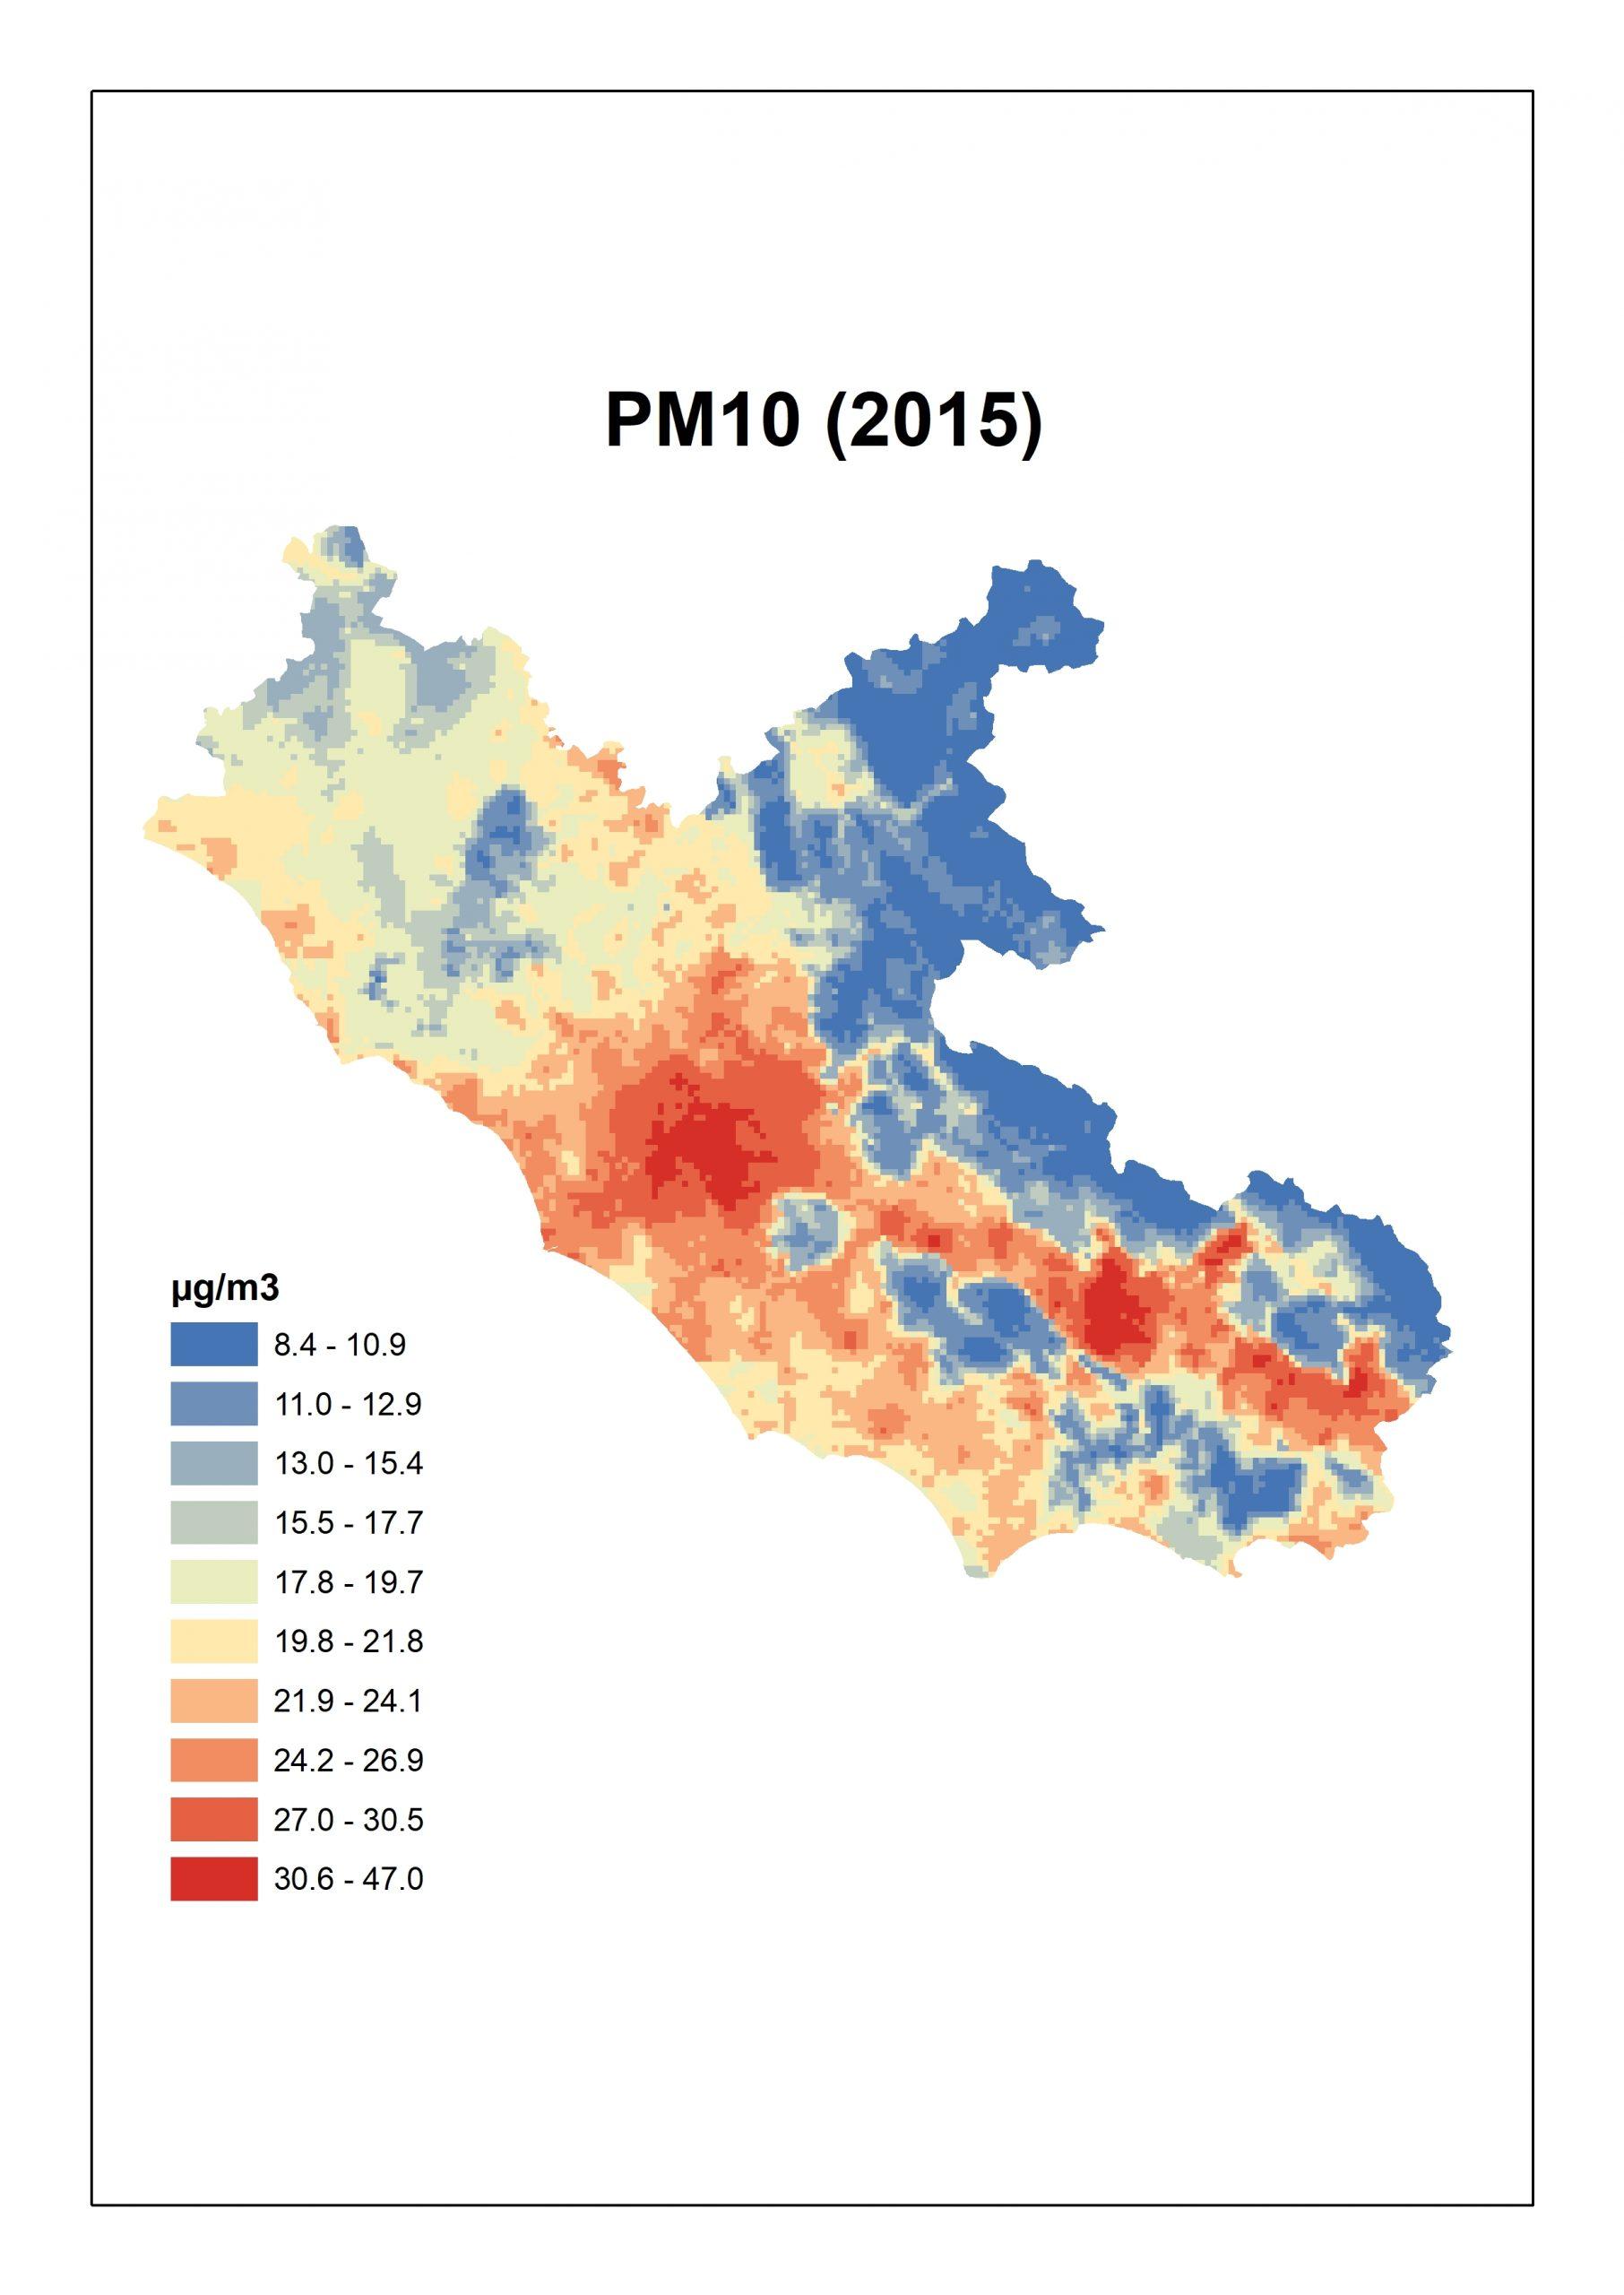 Figura 3. Concentrazioni stimate per il PM10 per il Lazio: media annua 2015.